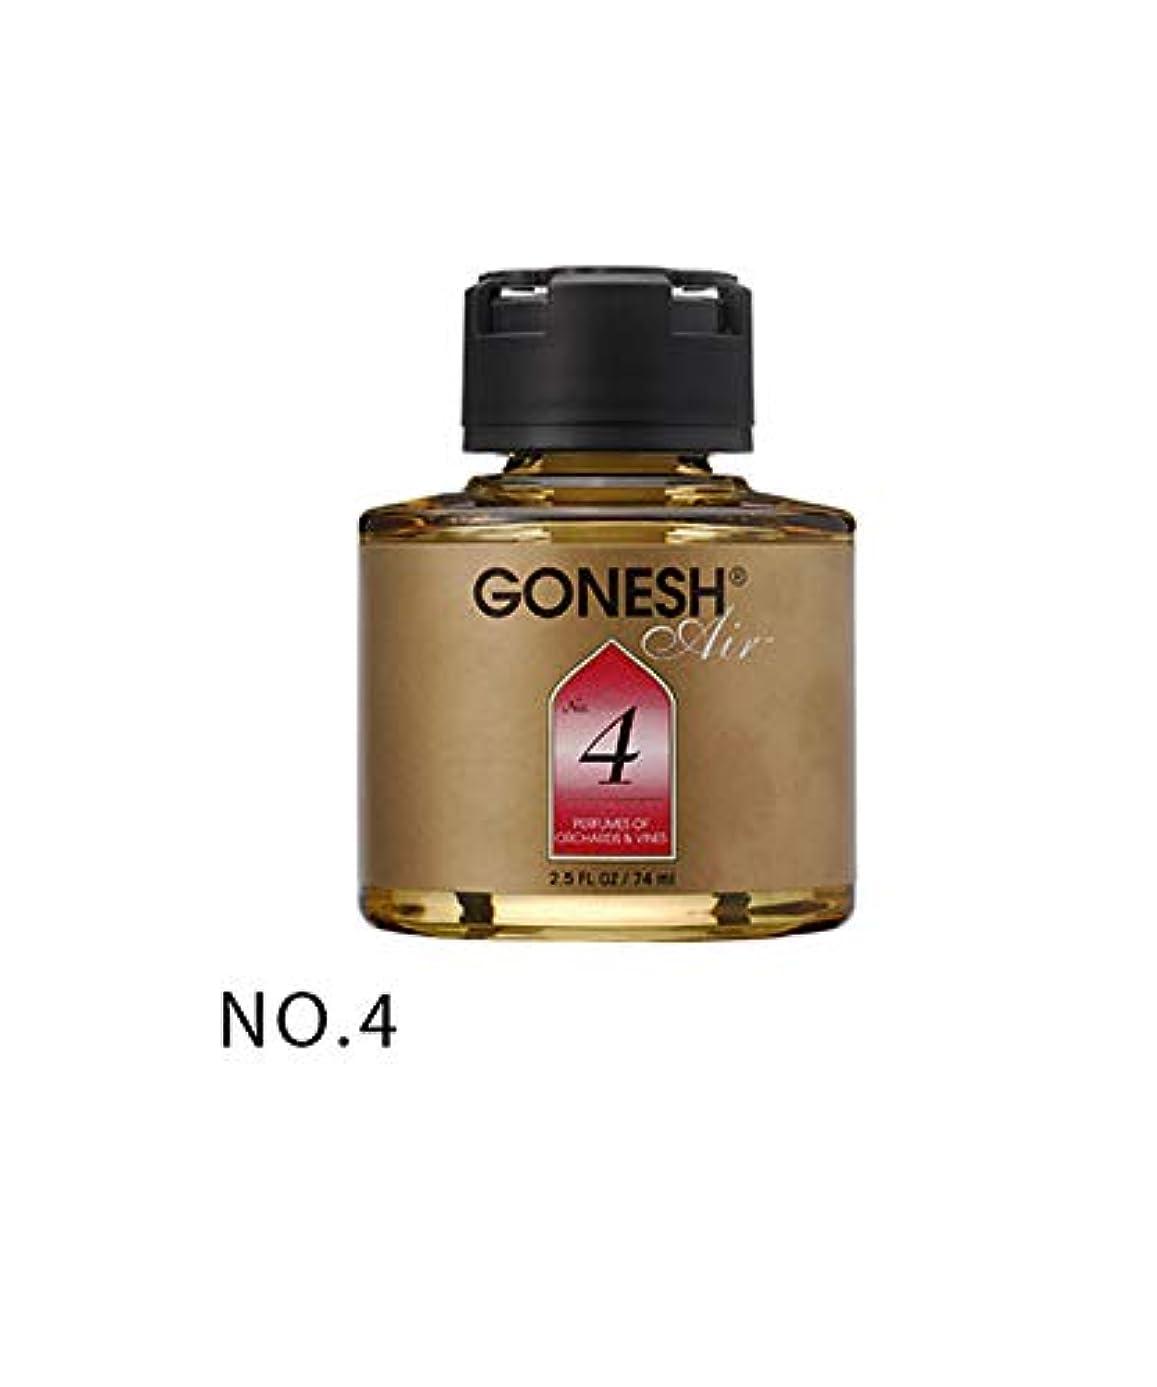 タービン間違えた締め切りGONESH リキッドエアフレッシュナー No.4(オーチャード&ヴァイン)